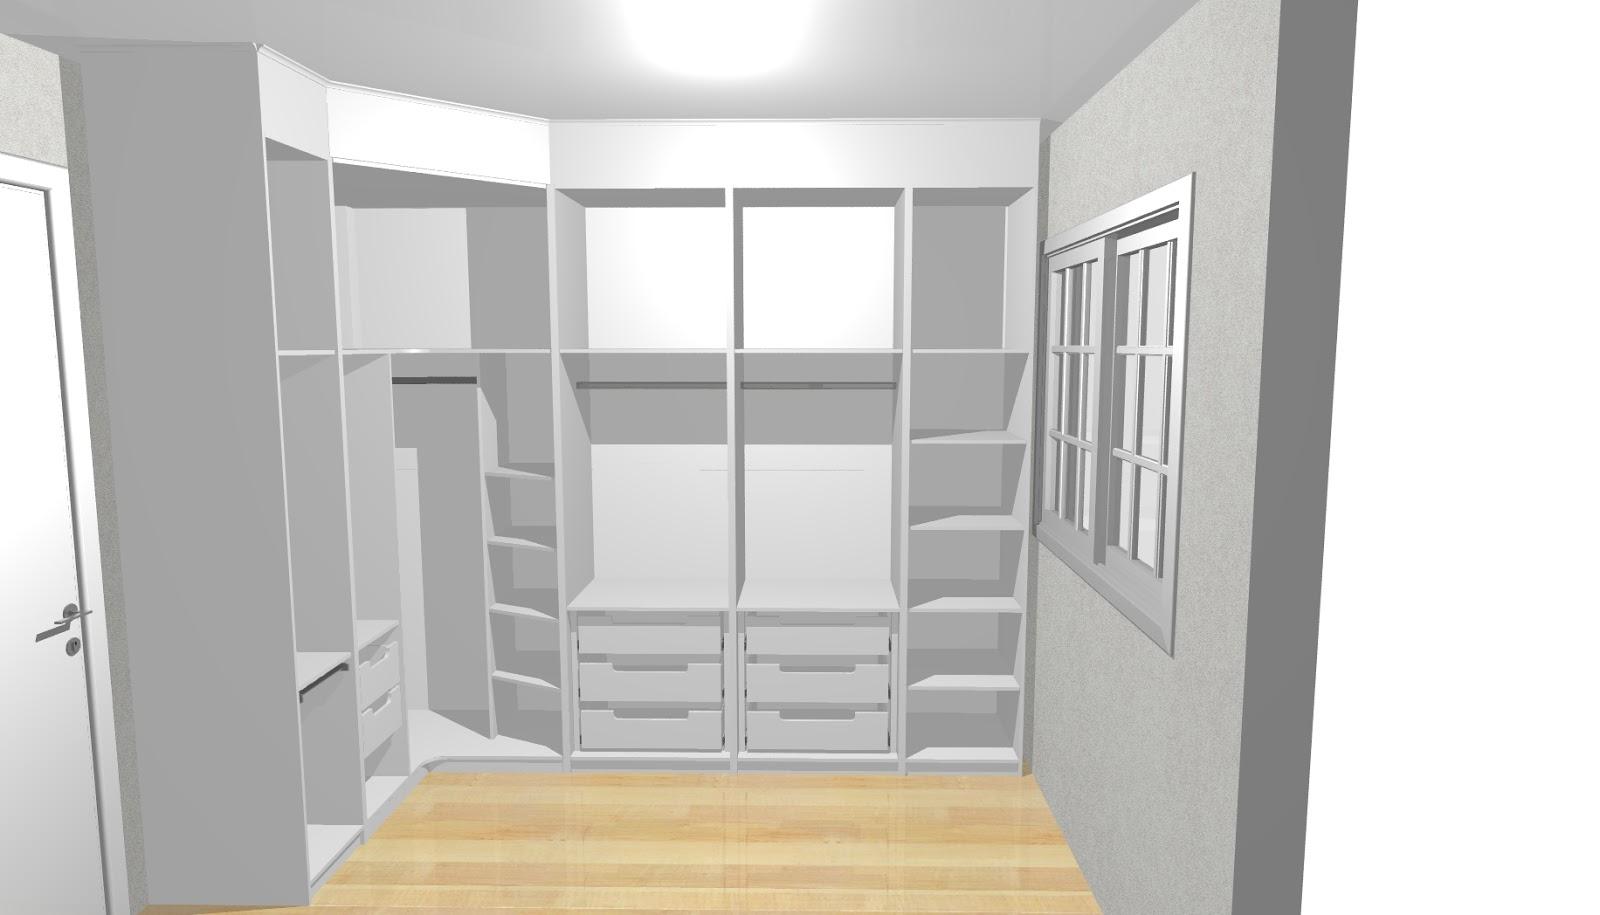 Guarda roupa que atende todas as necessidades do casal projeto  #947337 1600x915 Banheiro Acoplado Closet